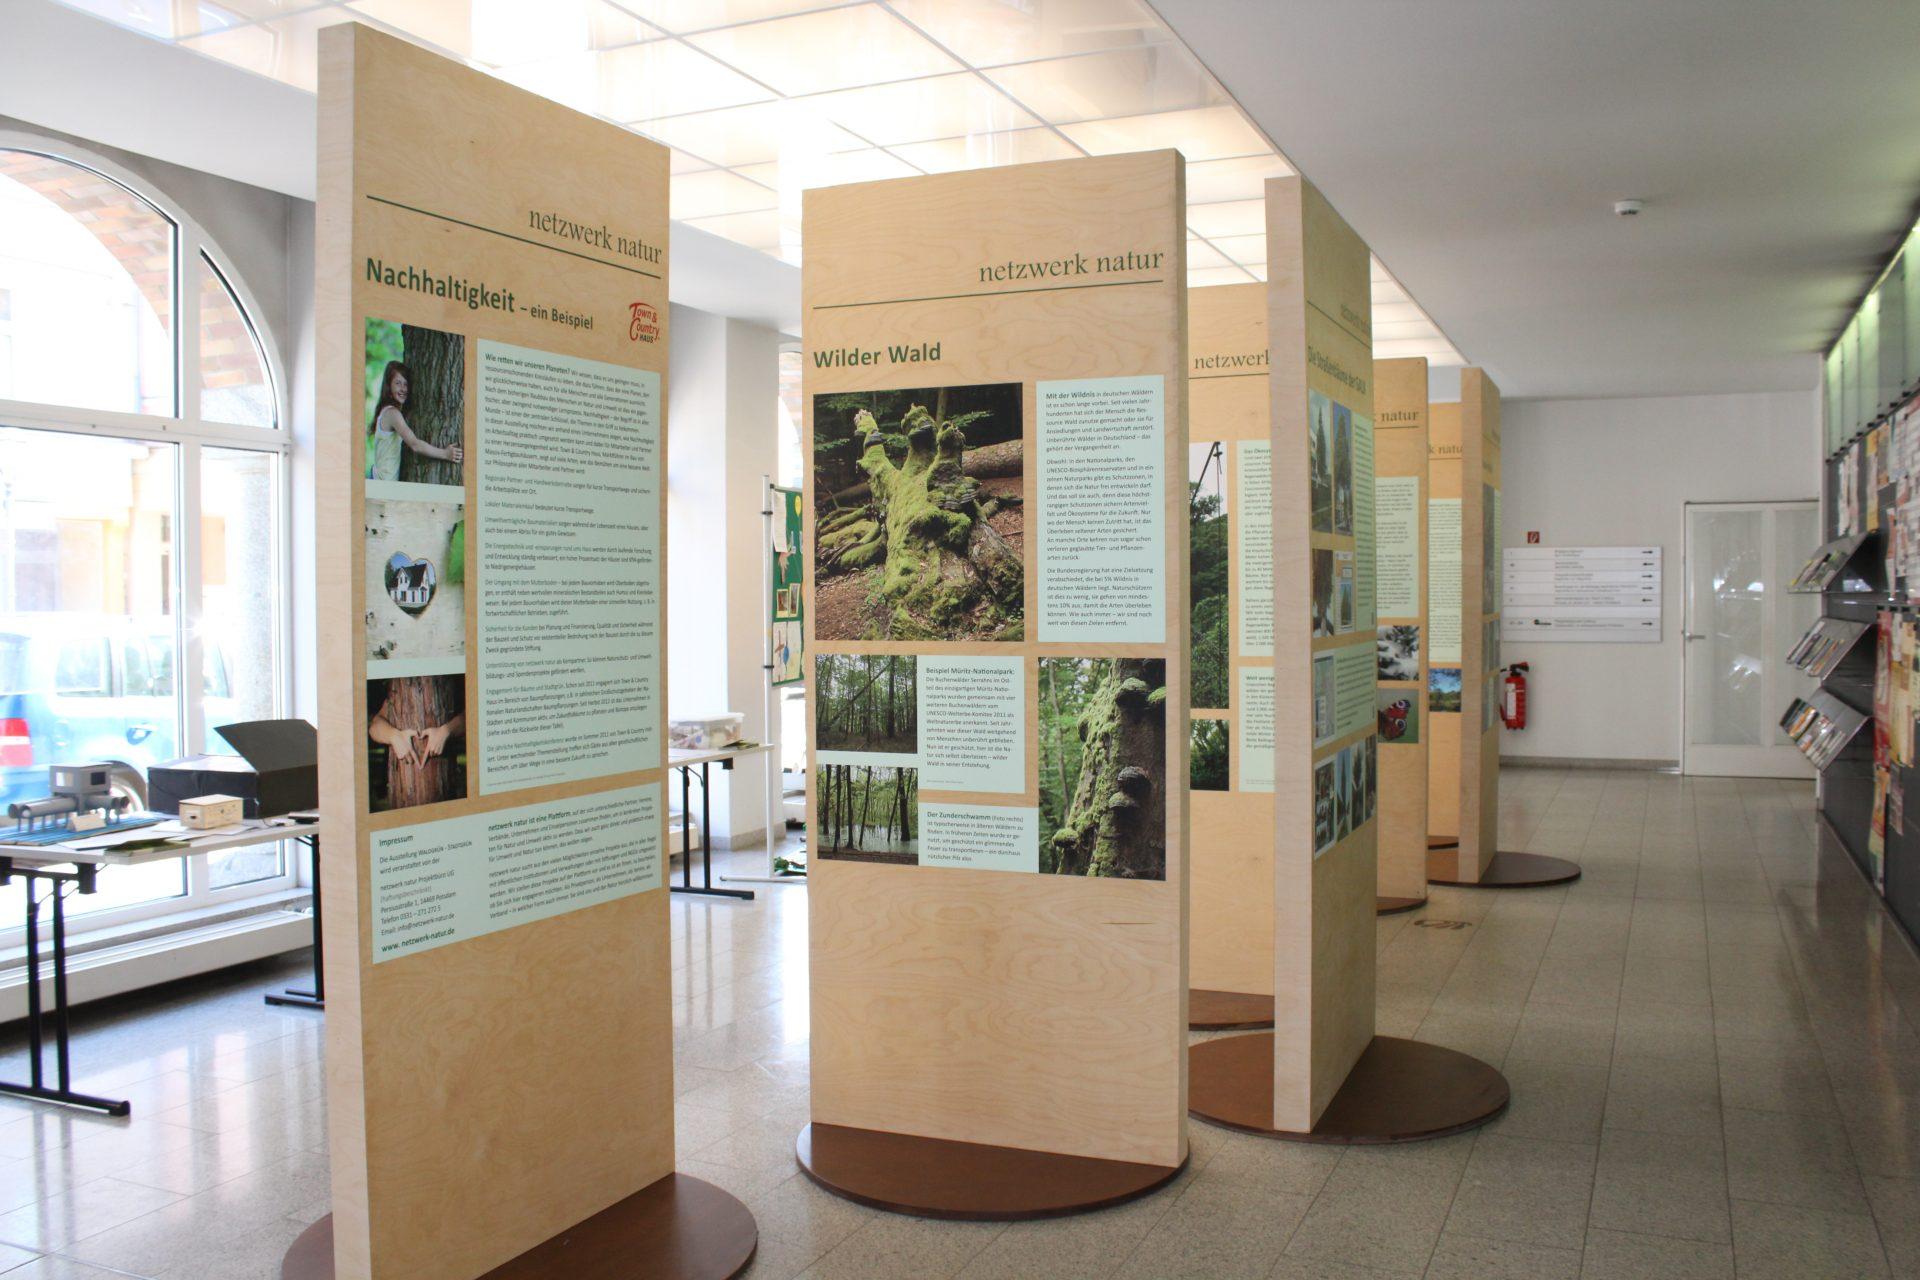 netzwerk natur, Ausstellung WALDGRÜN - STADTGRÜN, Rathaus Cottbus